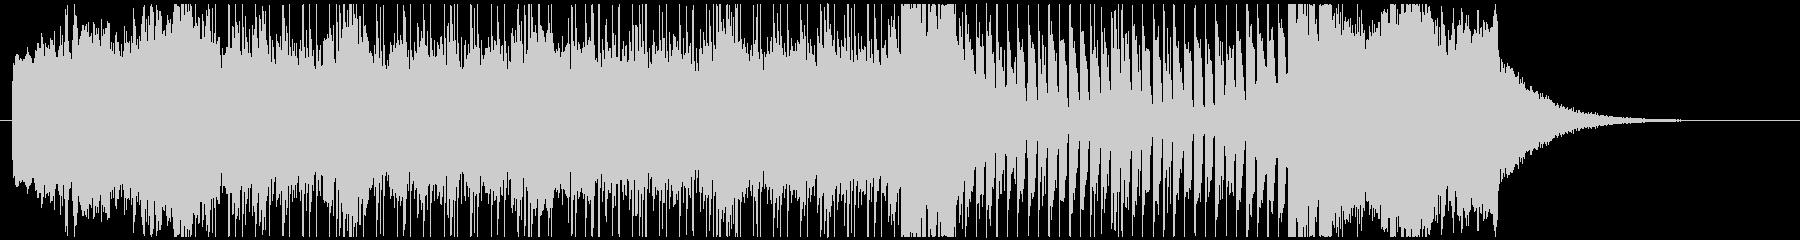 ハモンドオルガンを用いた変則的なプログレの未再生の波形